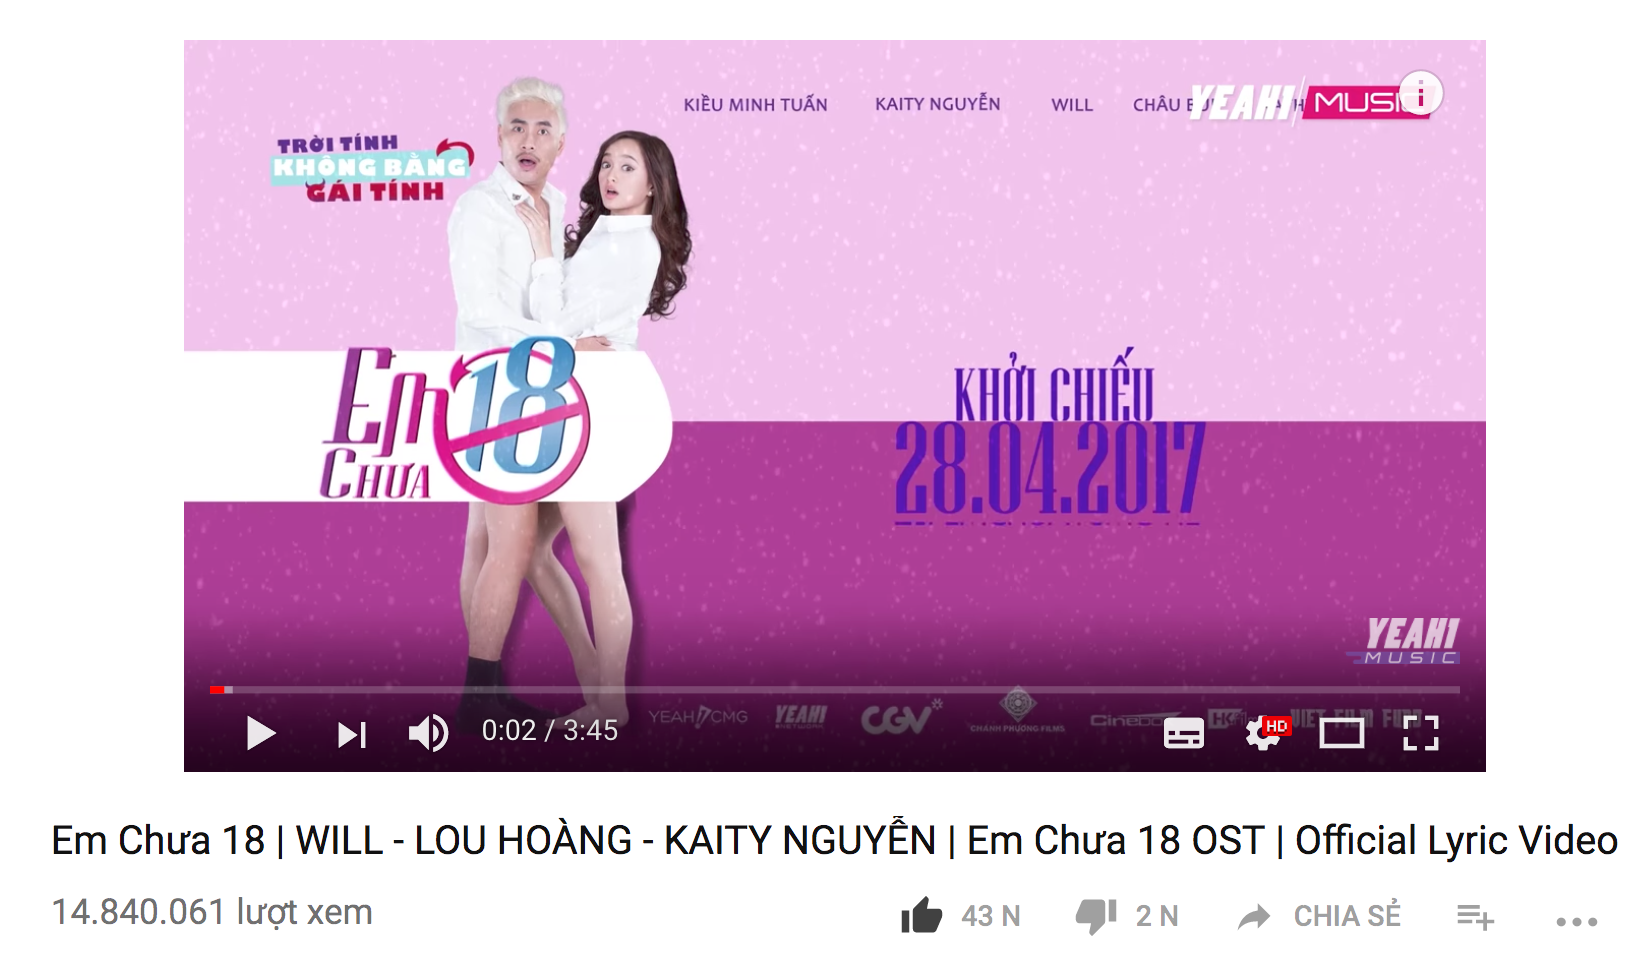 Không quảng bá rầm rộ, những MV nhạc phim này vẫn cán mốc từ hàng chục đến gần trăm triệu view - Ảnh 13.